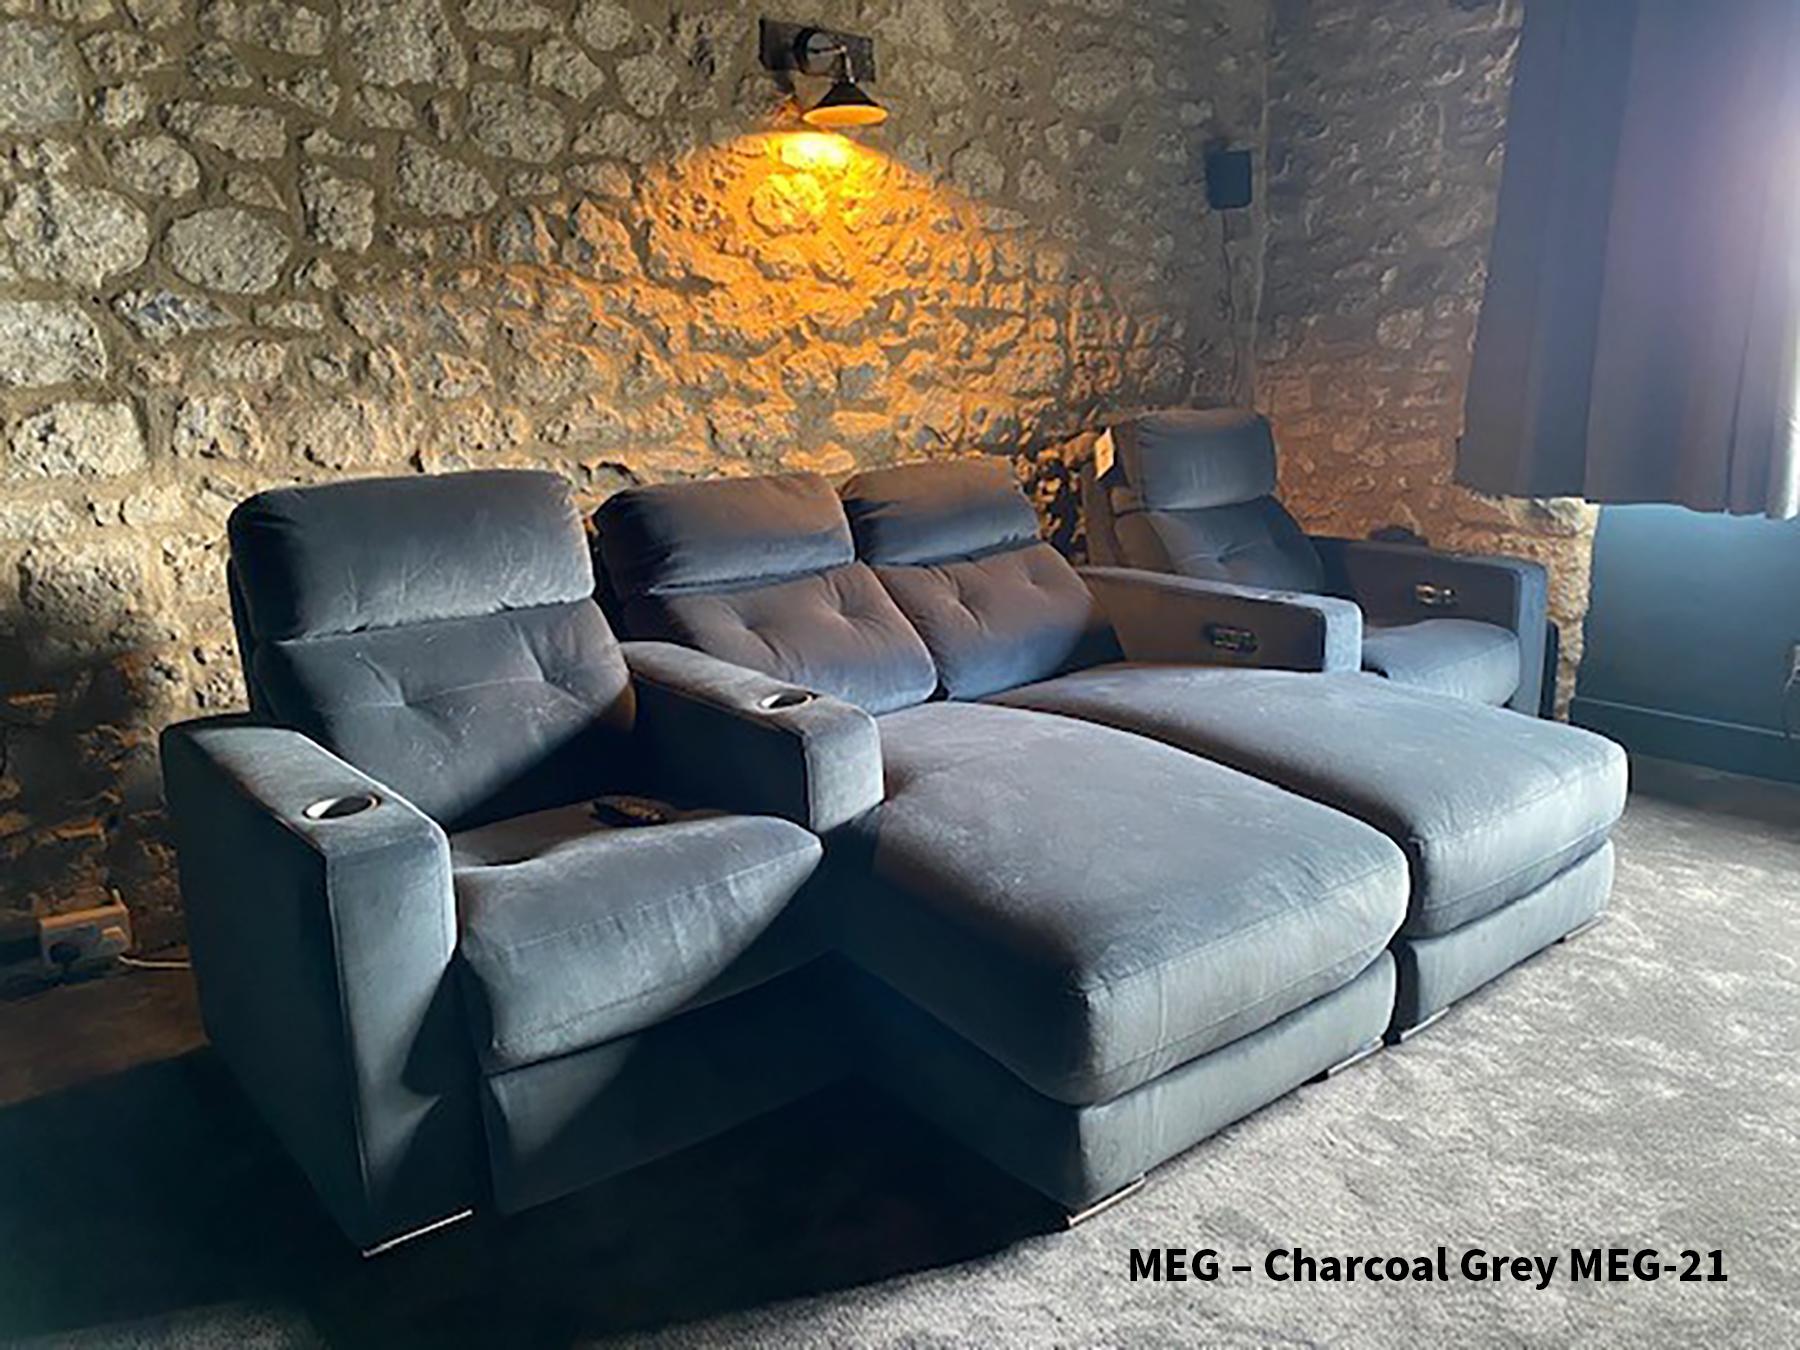 FrontRow™ Serenity MEG – Charcoal Grey MEG-21